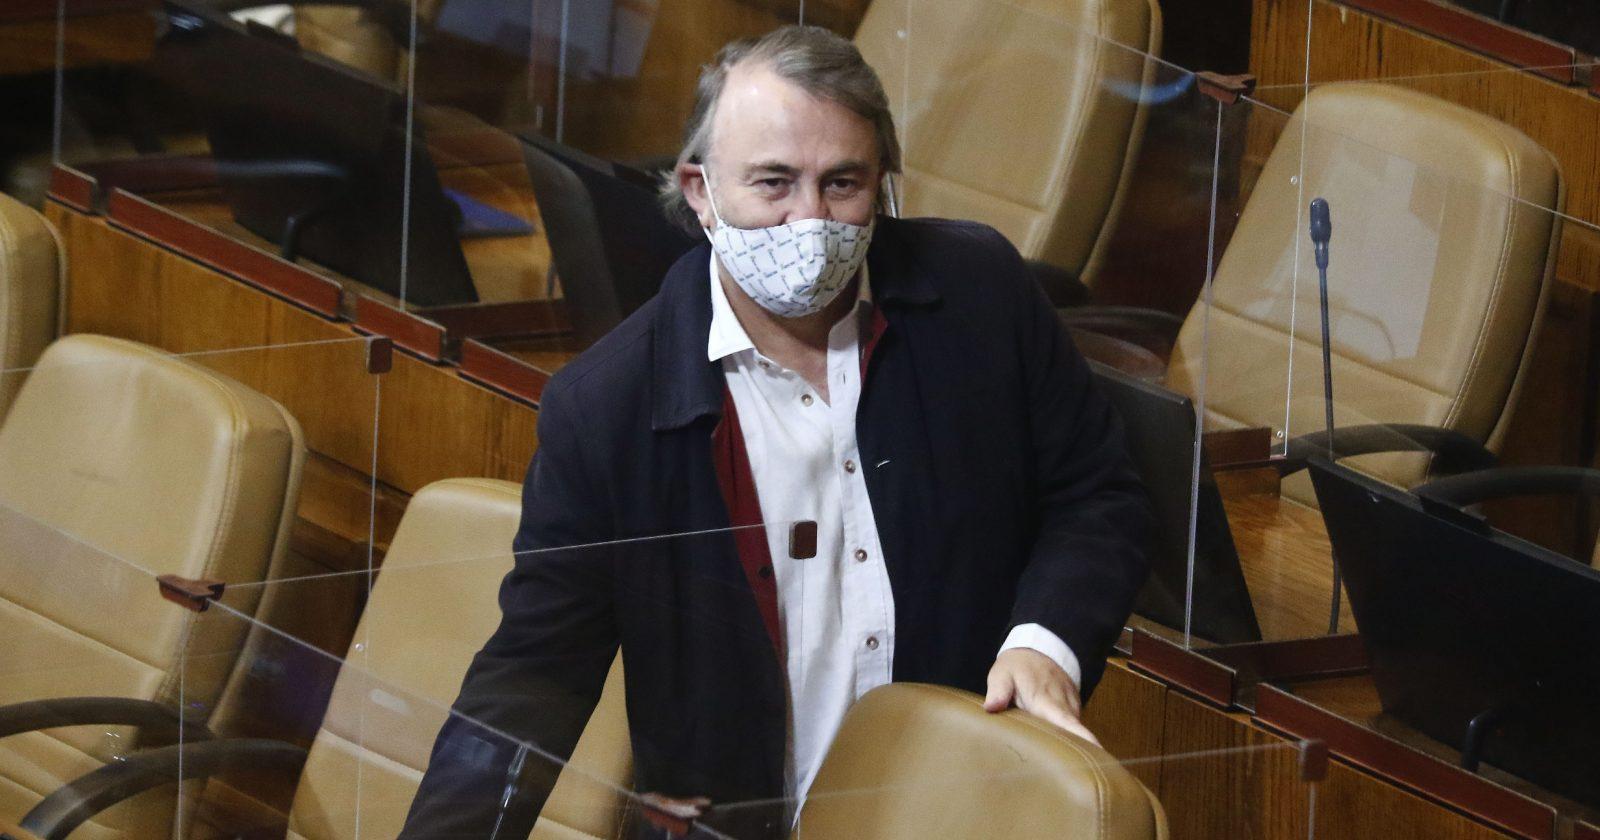 VIDEO | Pepe Auth confiesa ilegalidad durante discusión para permitir votar a contagiados COVID